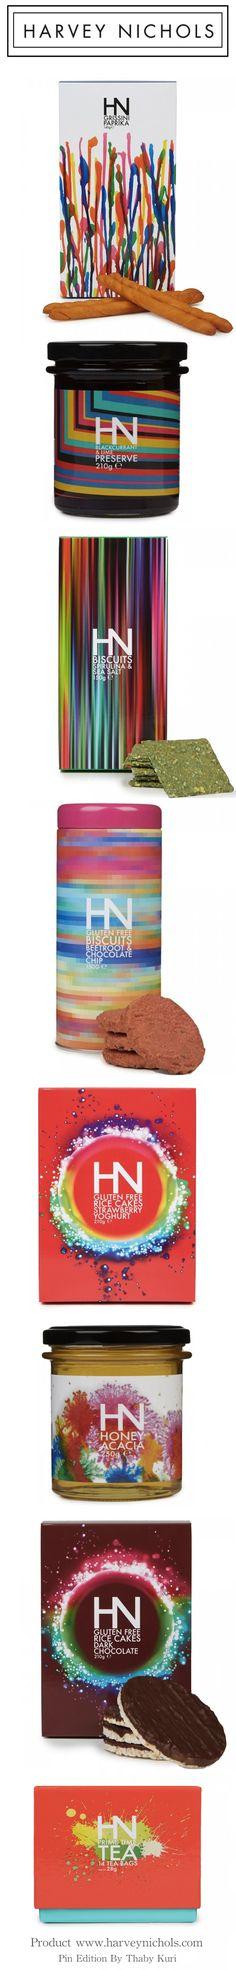 HARVEY NICHOLS GROCERY #packaging